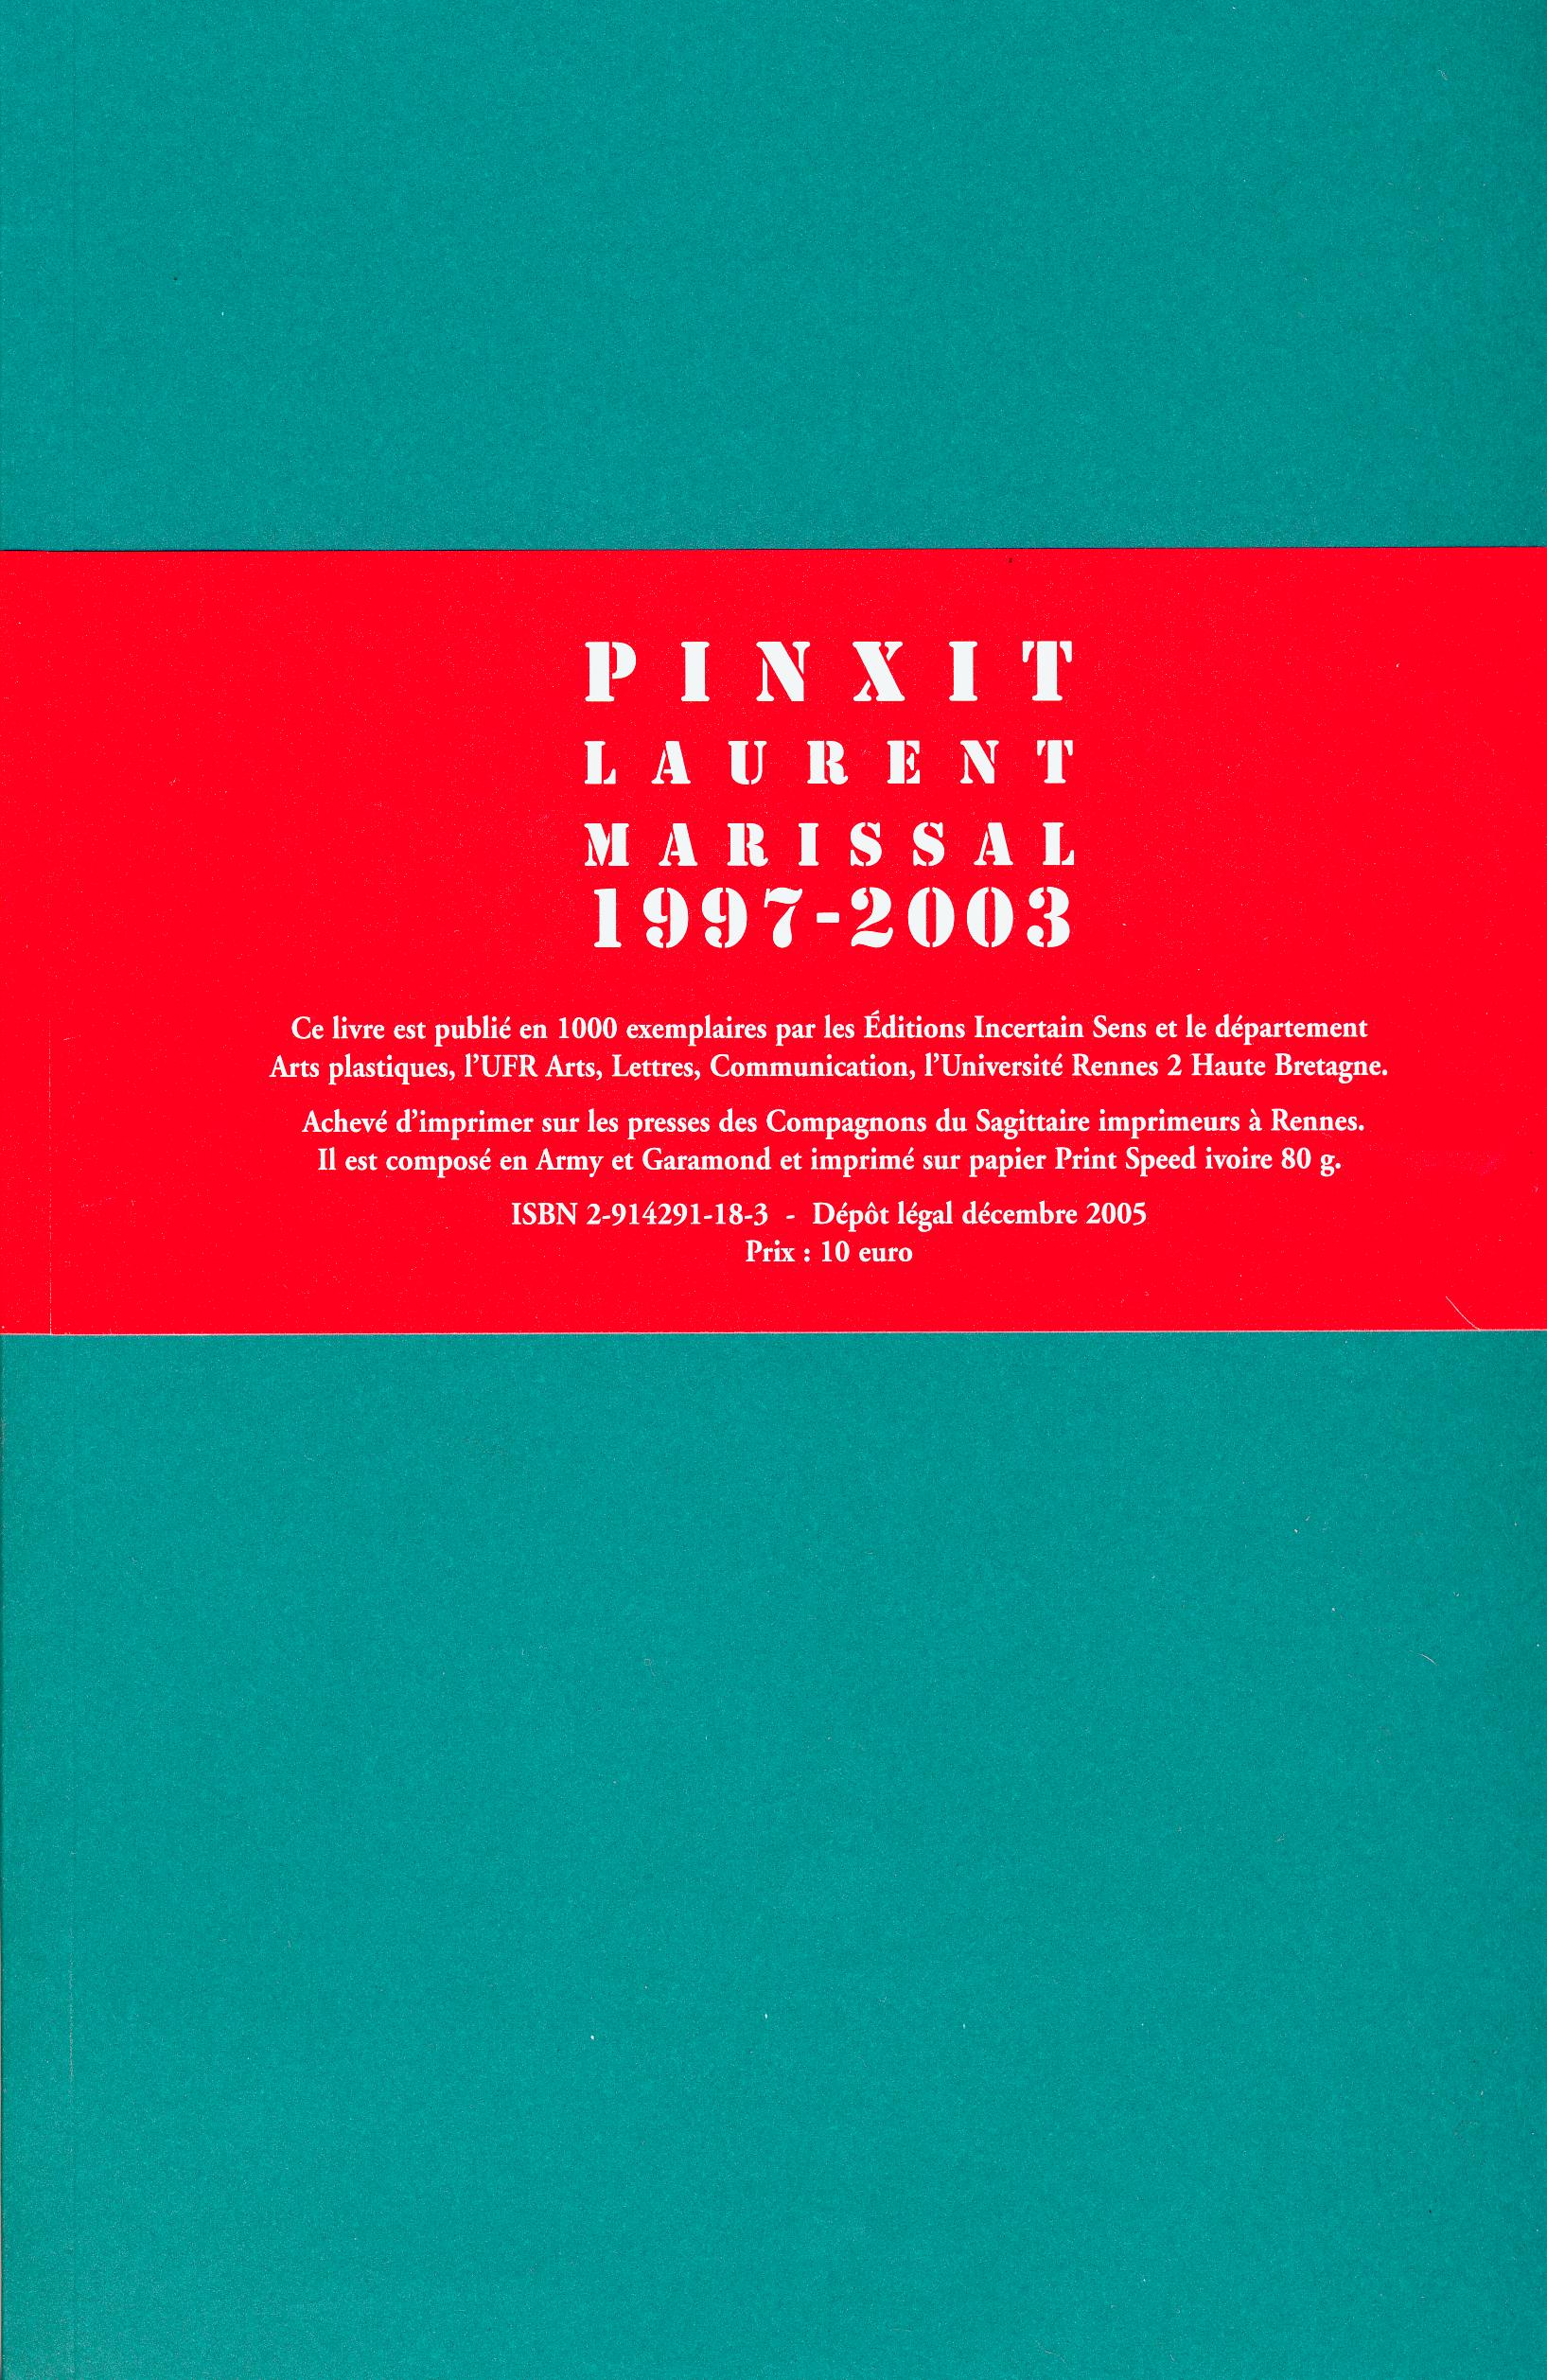 Pinxit 1997-2003